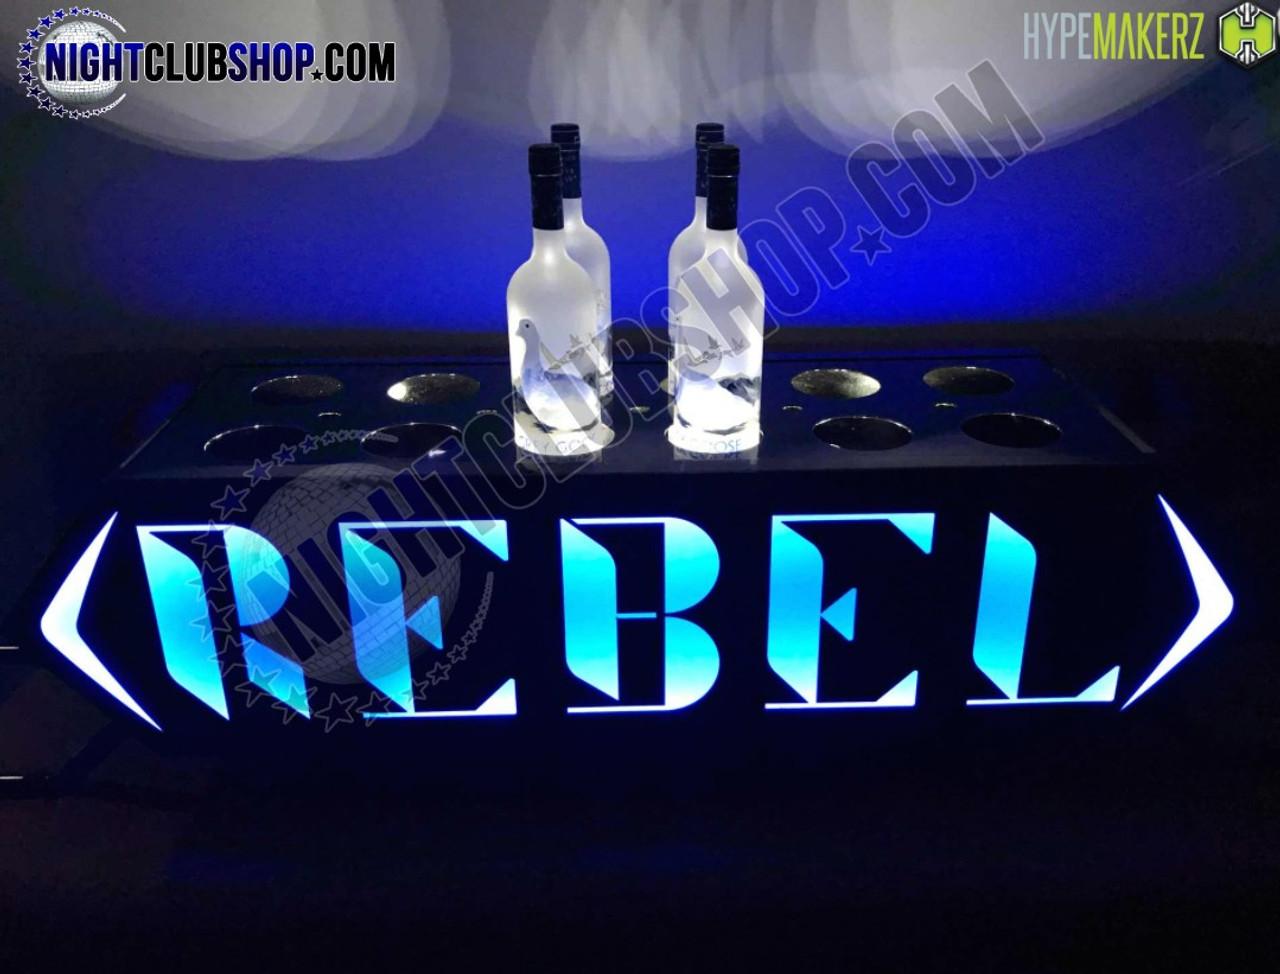 LED, Champagne, Bottle, Chariot, Presenter, Liquor Holder, Bottle Serivce